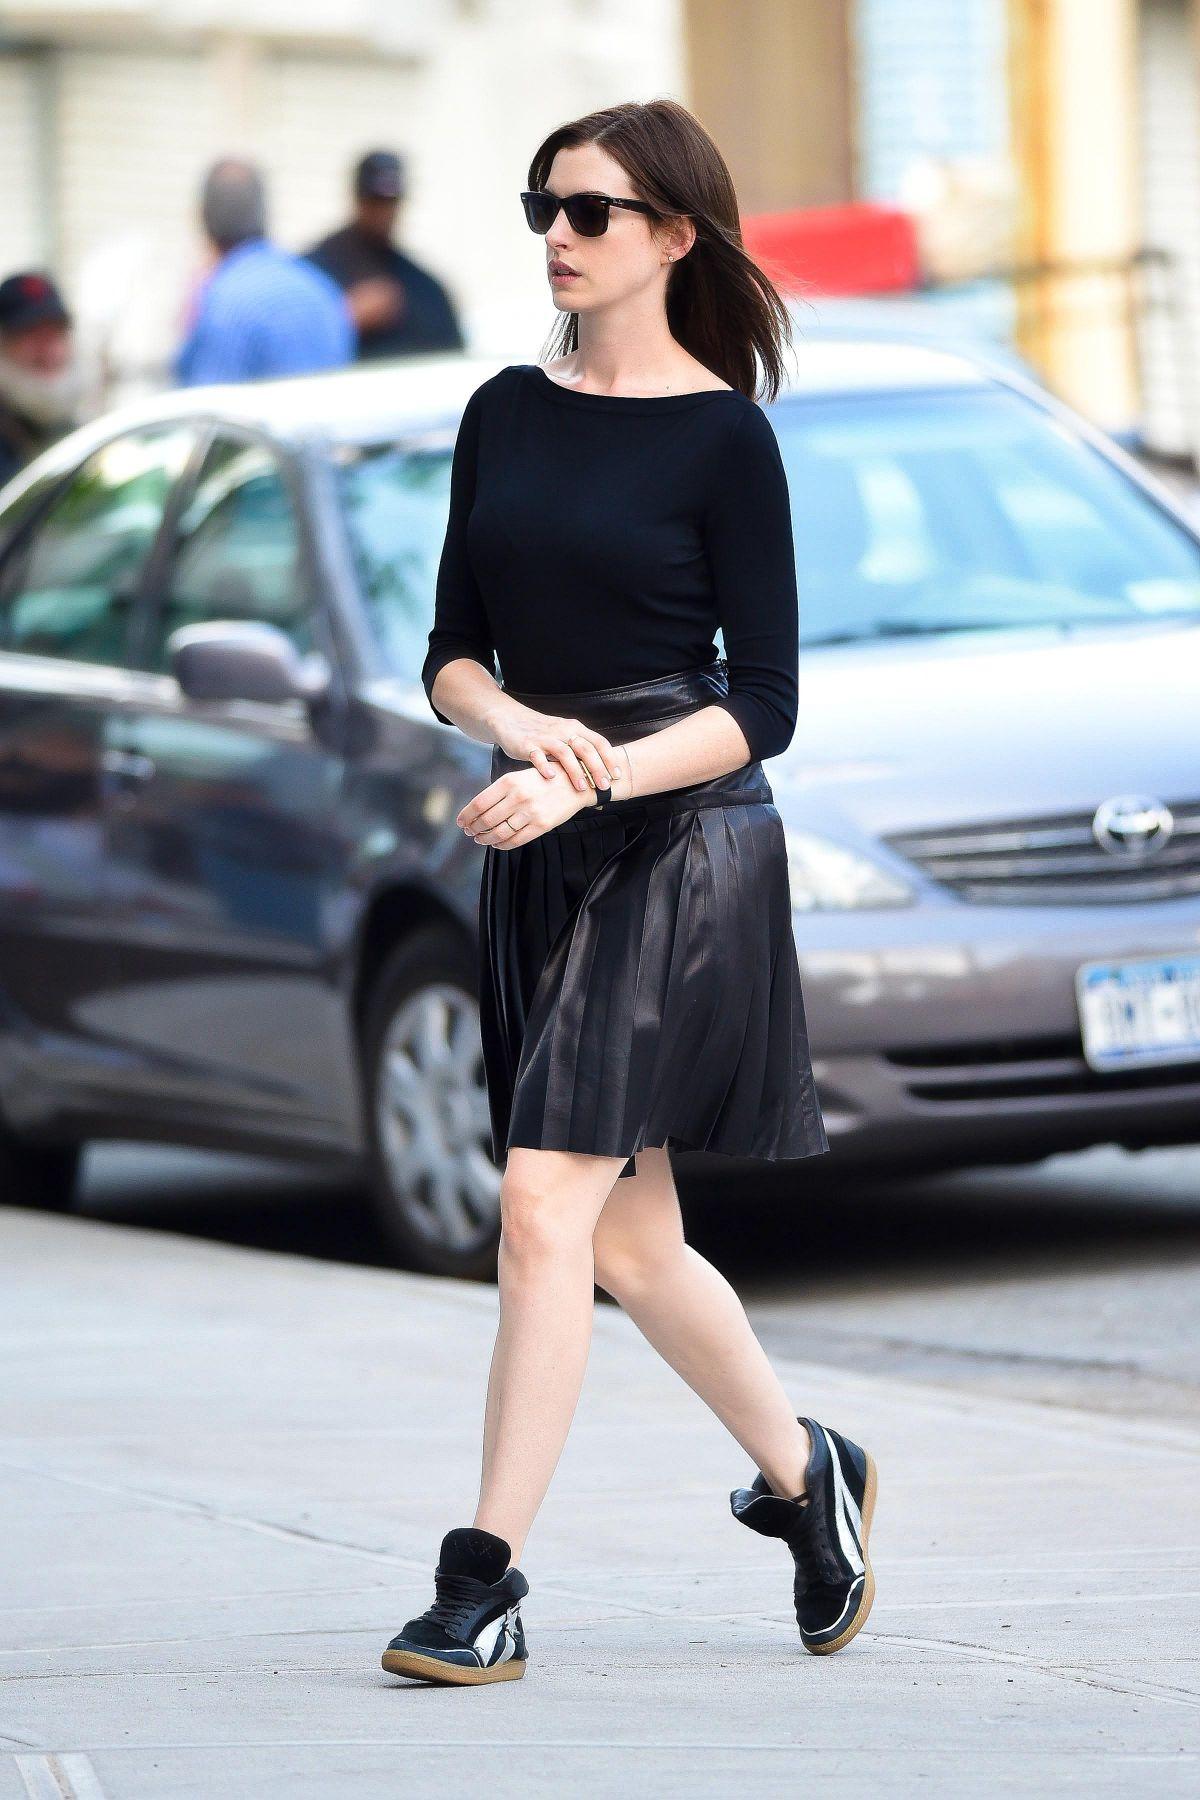 Anne hathaway on the intern set in new york hawtcelebs hawtcelebs